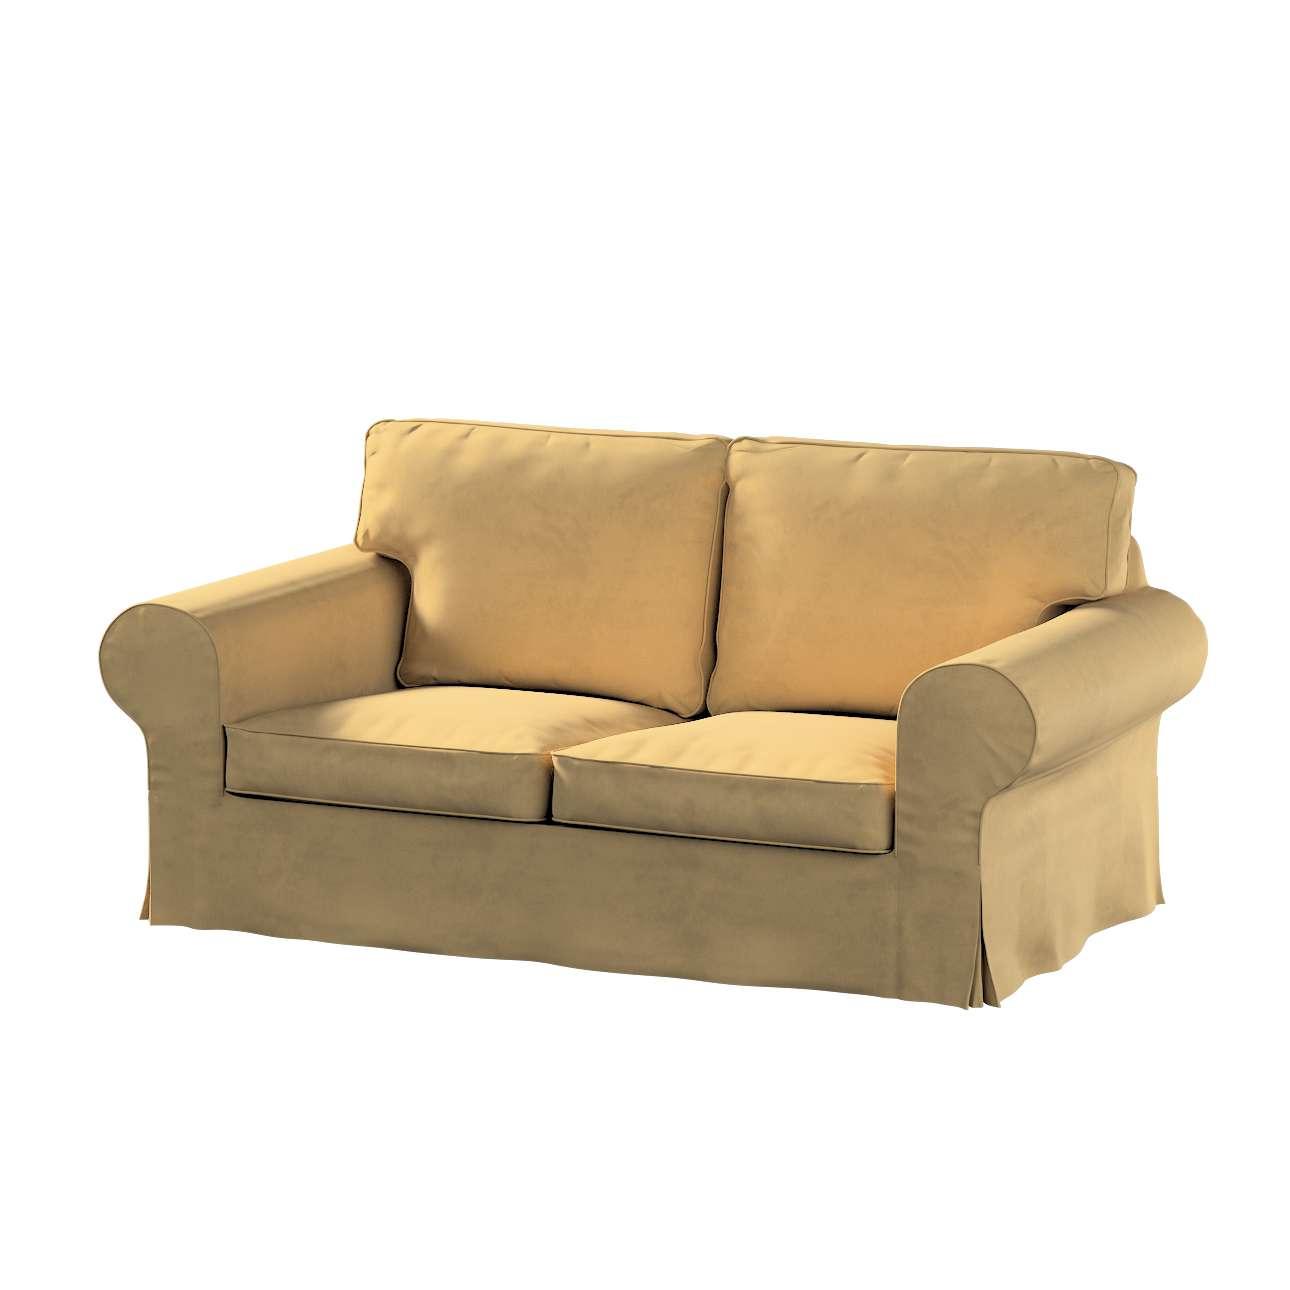 Poťah na sedačku Ektorp (rozkladacia, pre 2 osoby) STARÝ MODEL V kolekcii Living 2, tkanina: 160-93